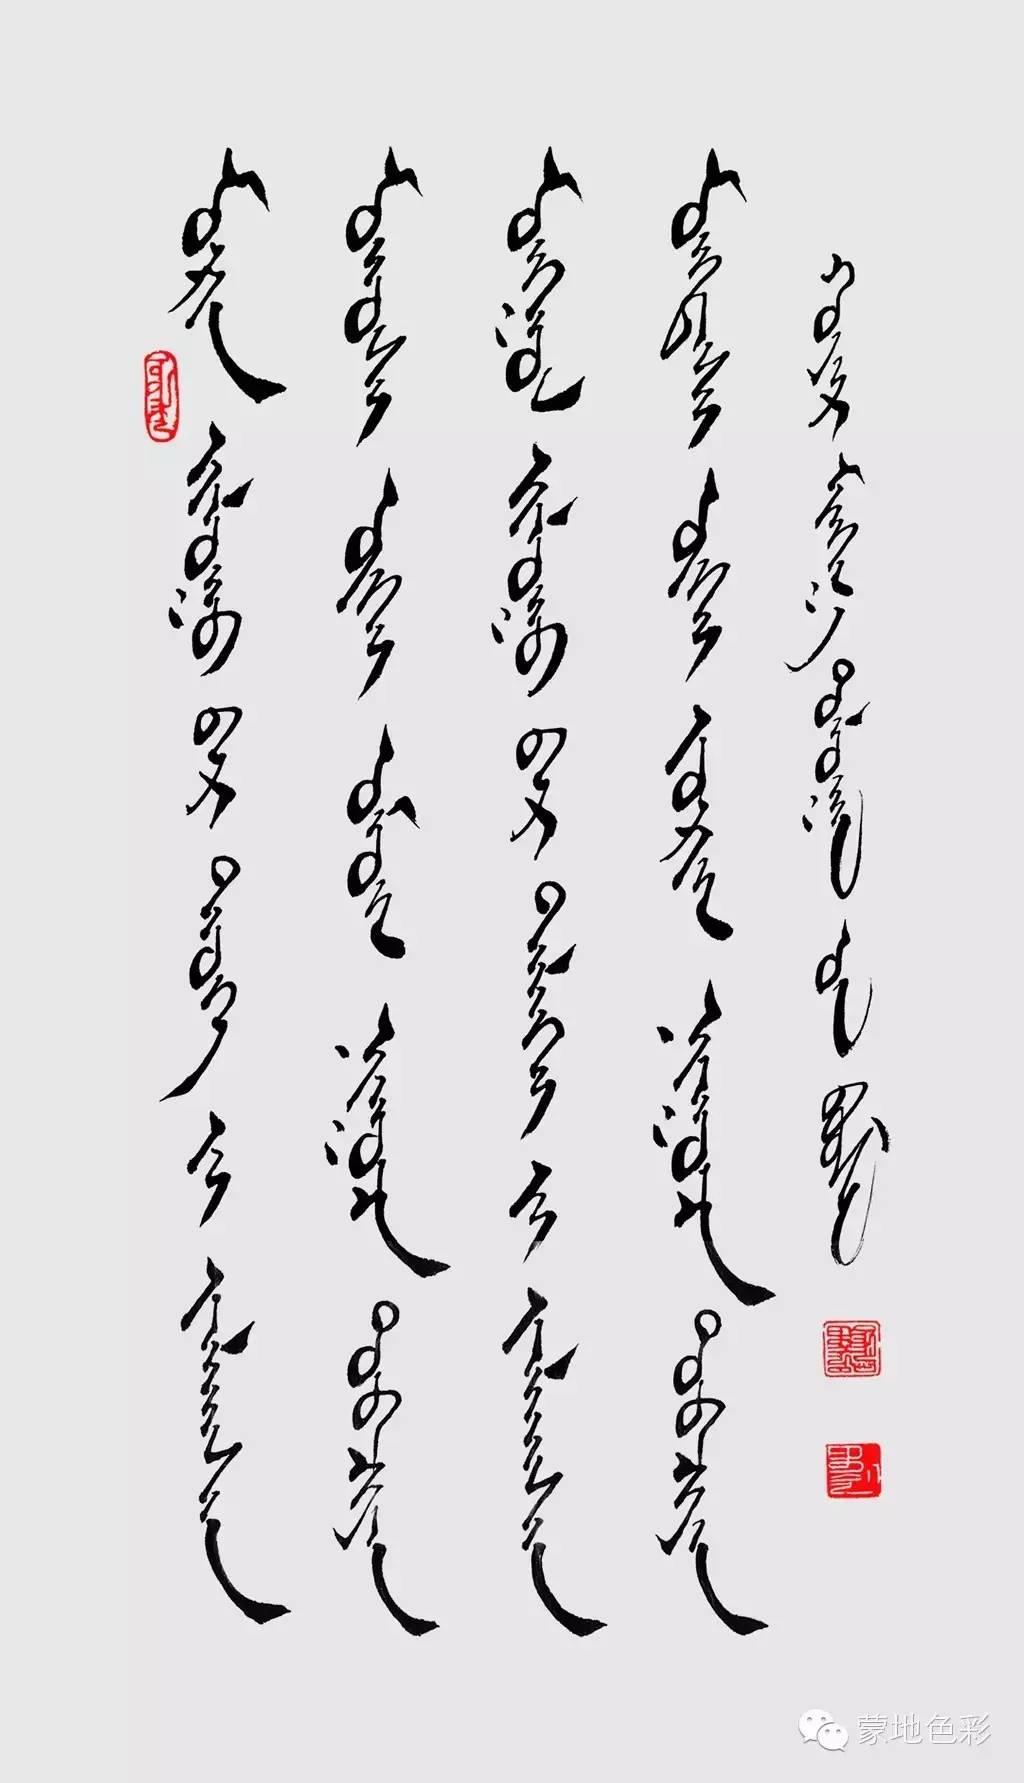 蒙古文书法艺术 第3张